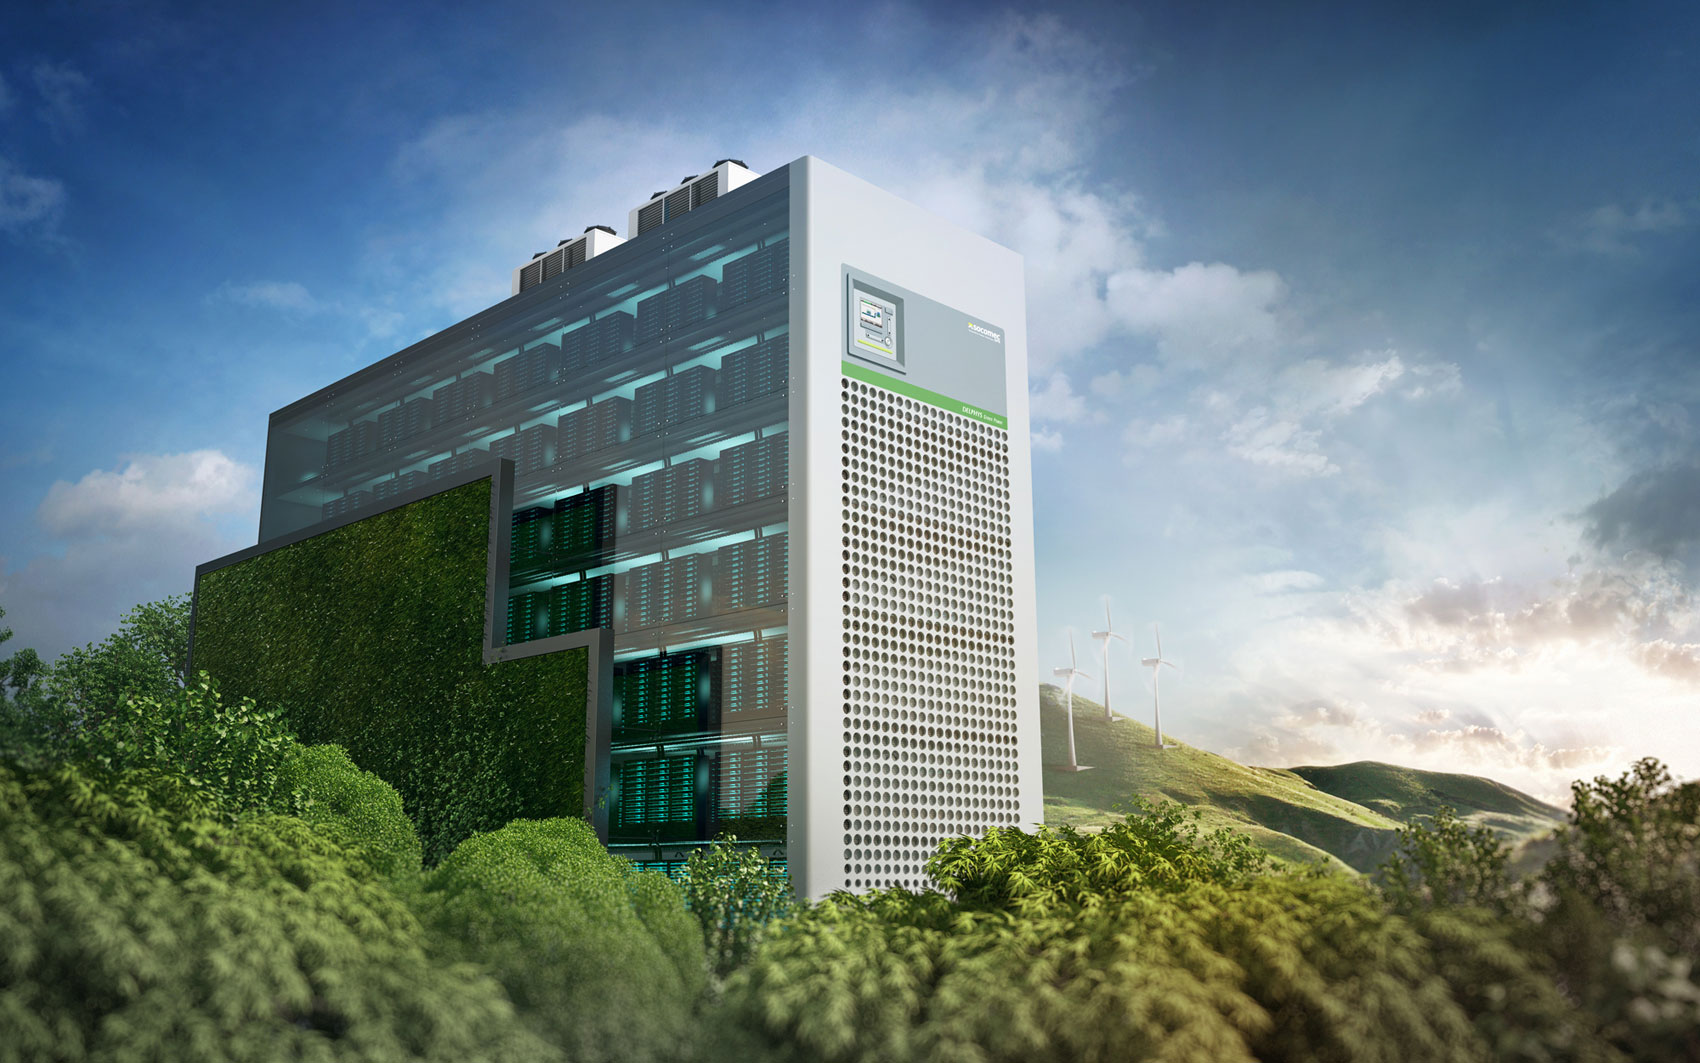 socomec-data-center-green-power-3